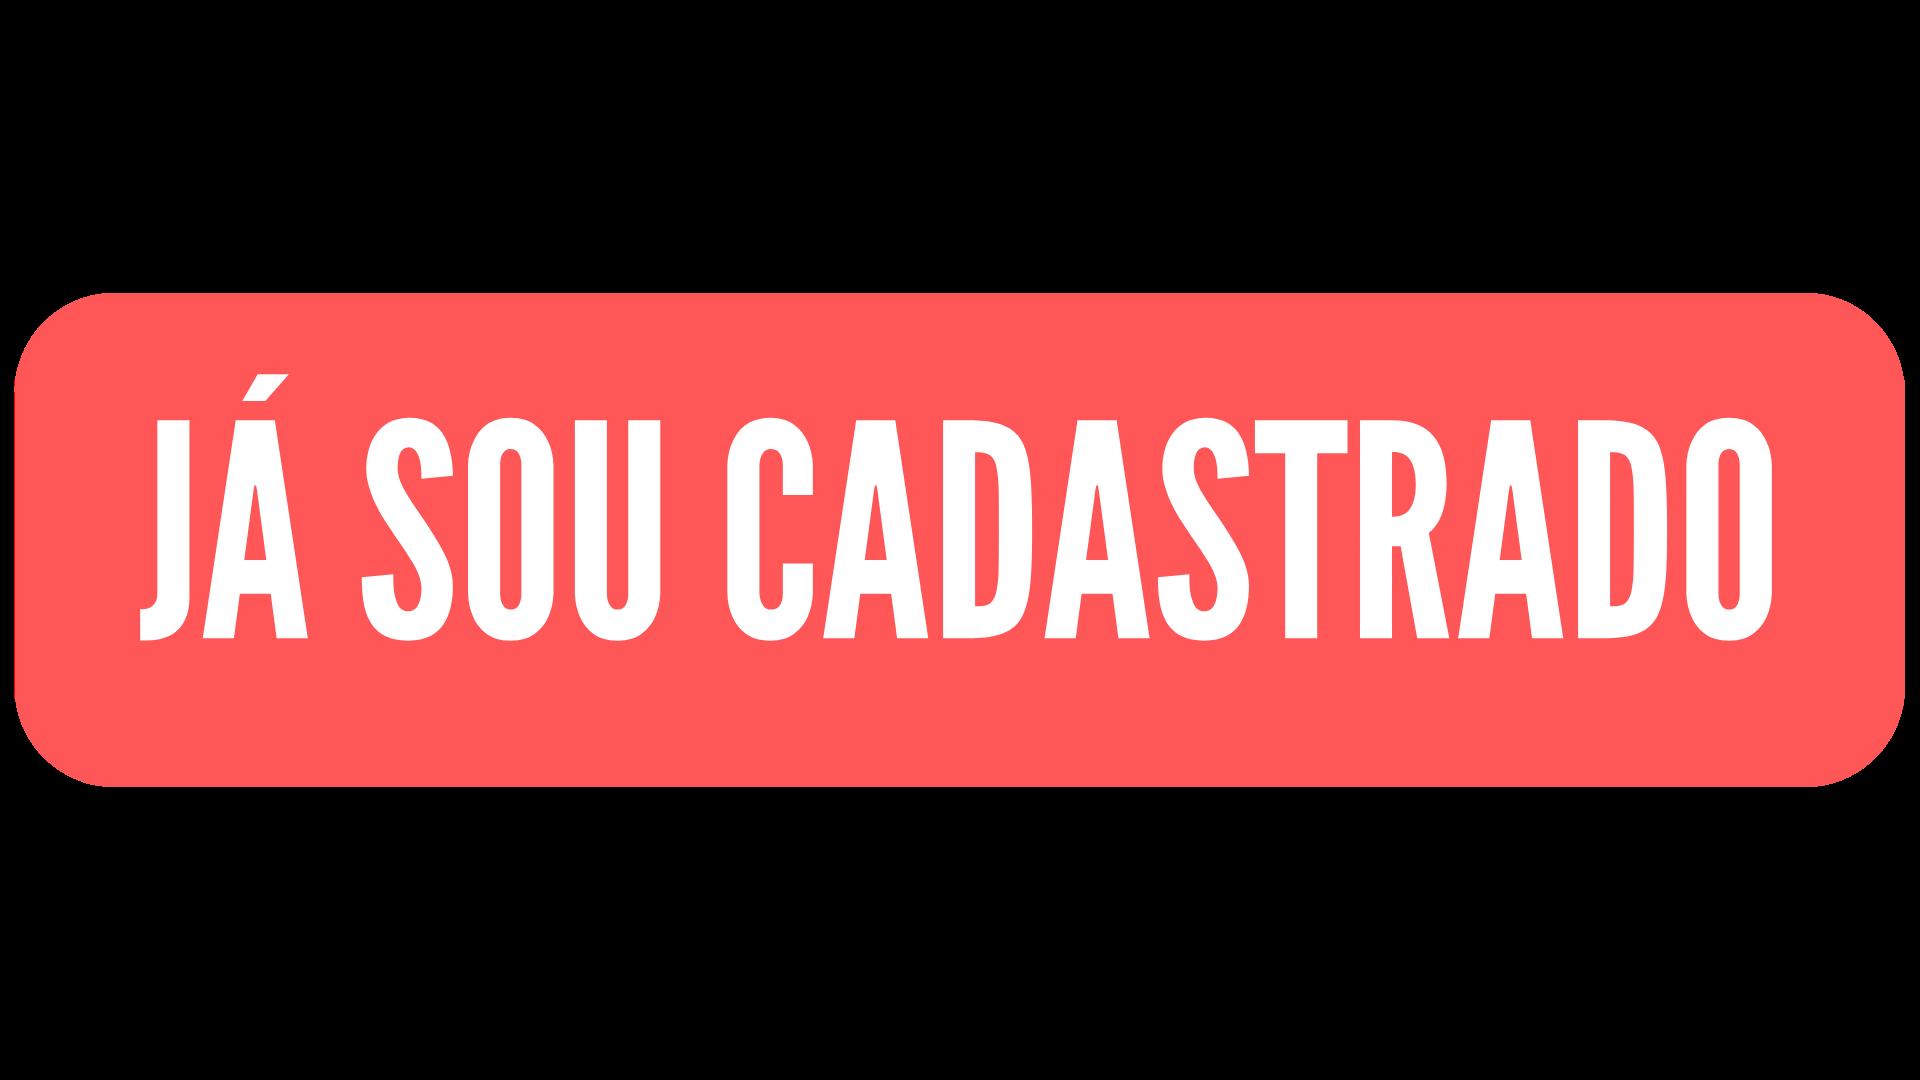 ja_cad